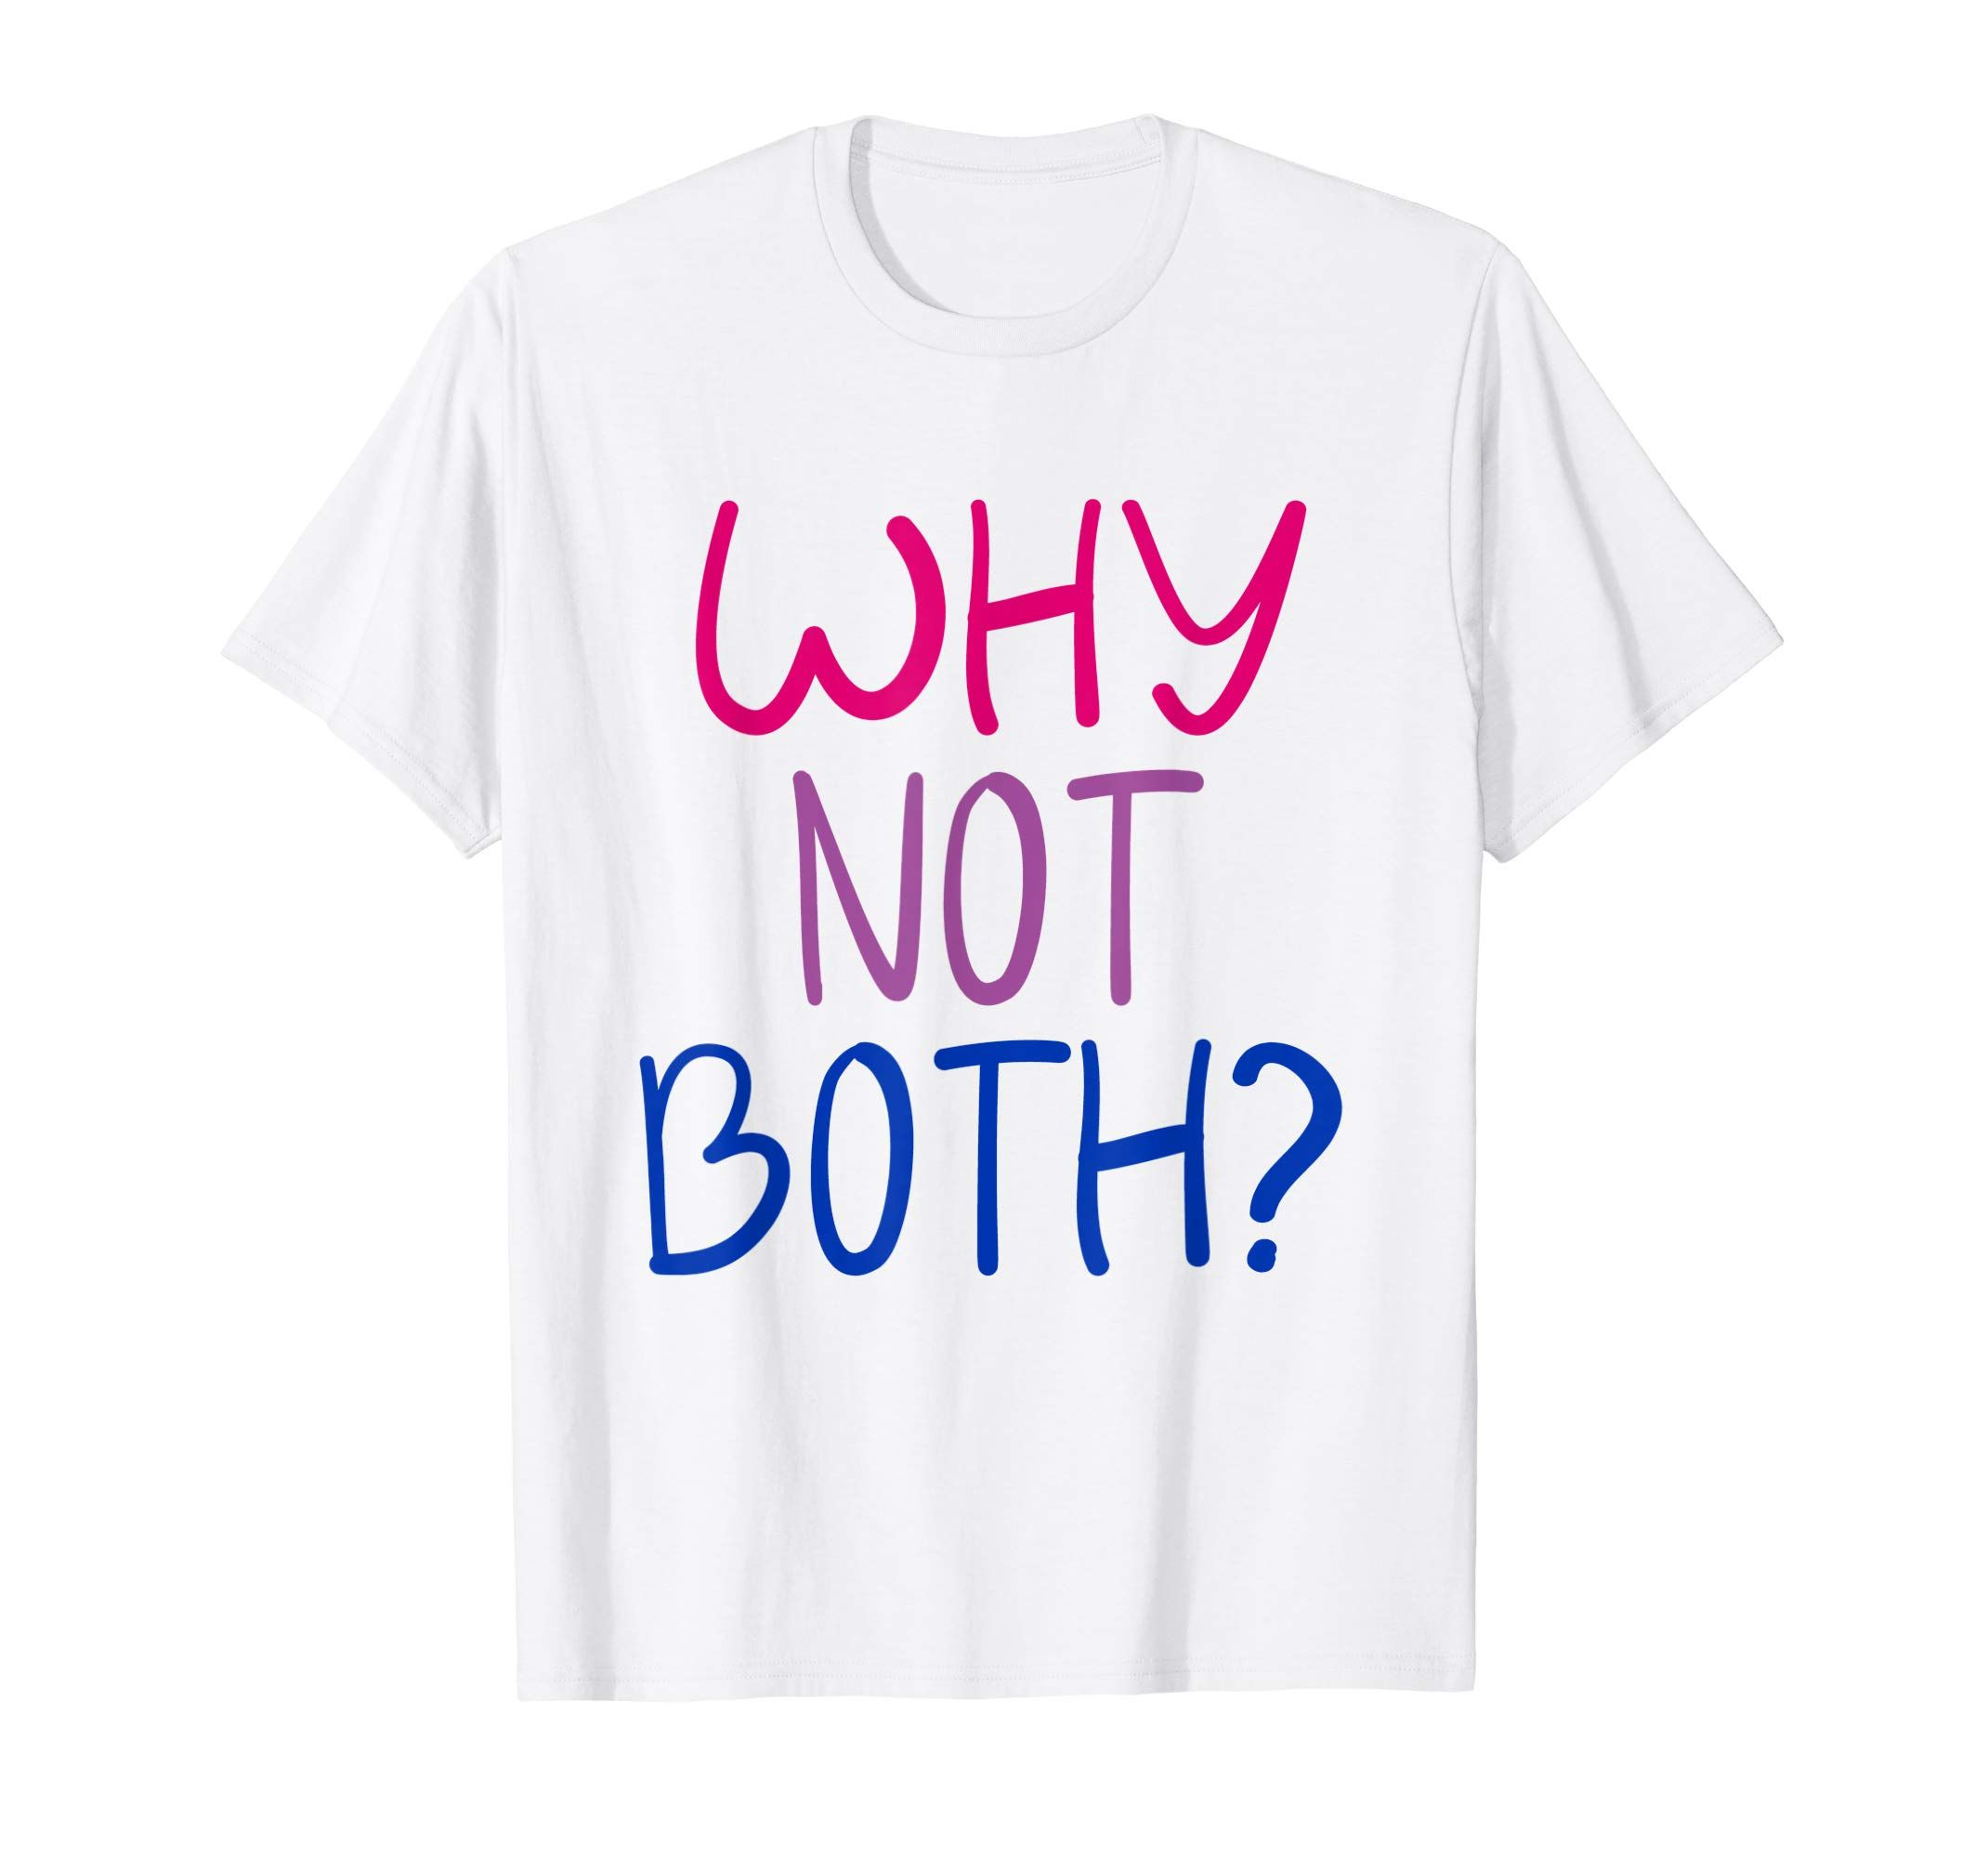 Pin on gay pride shirt, lgbt shirt